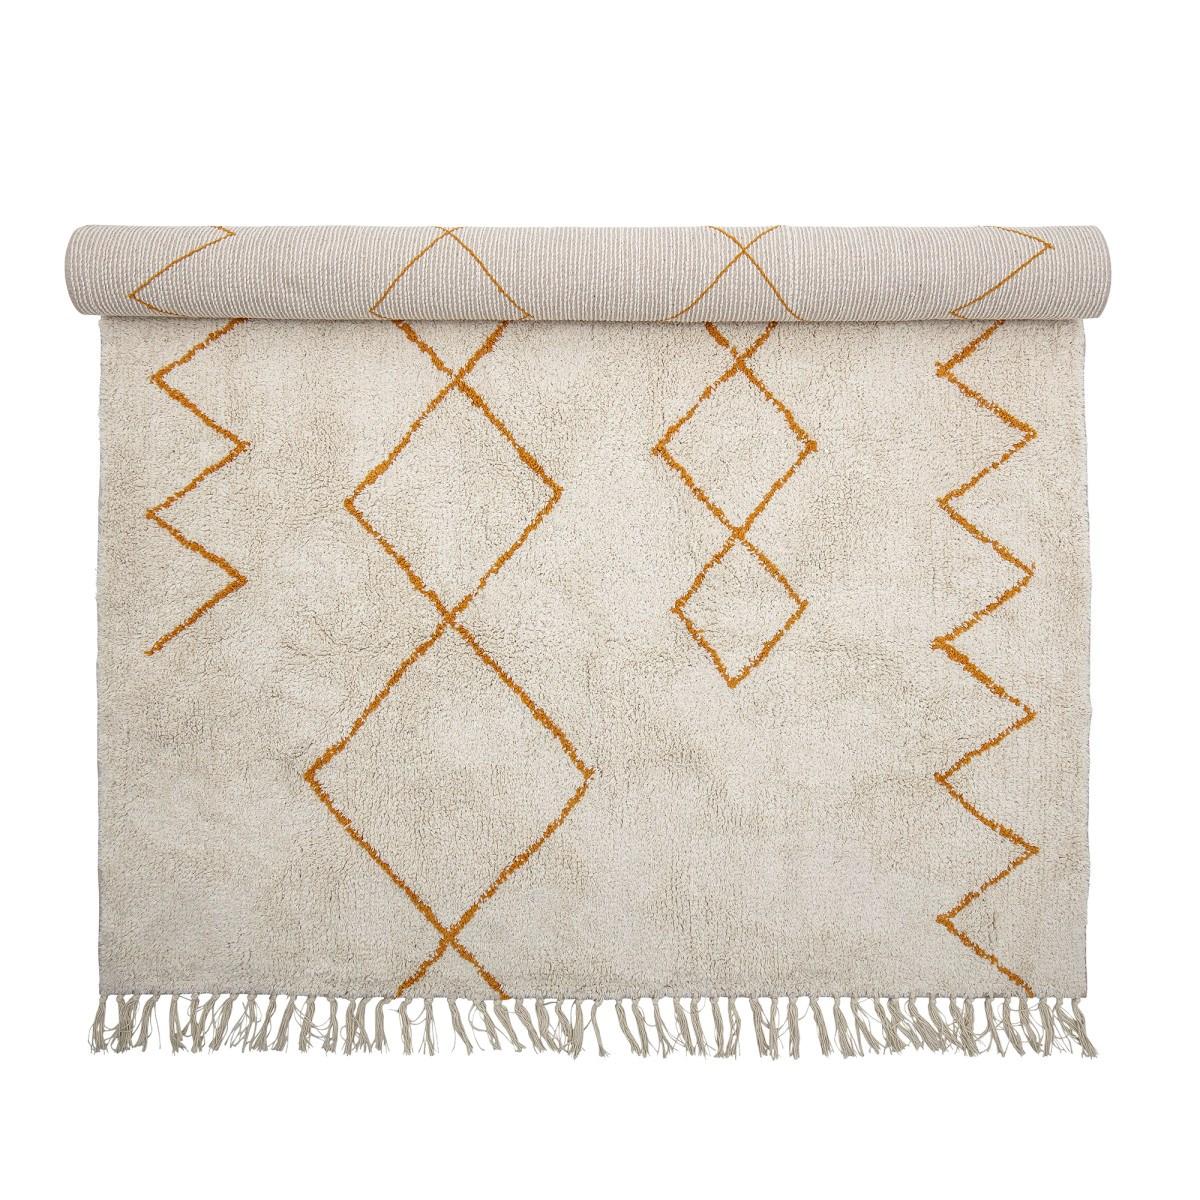 Krémový koberec se žlutým dekorem a třásněmi 200x140 cm_2